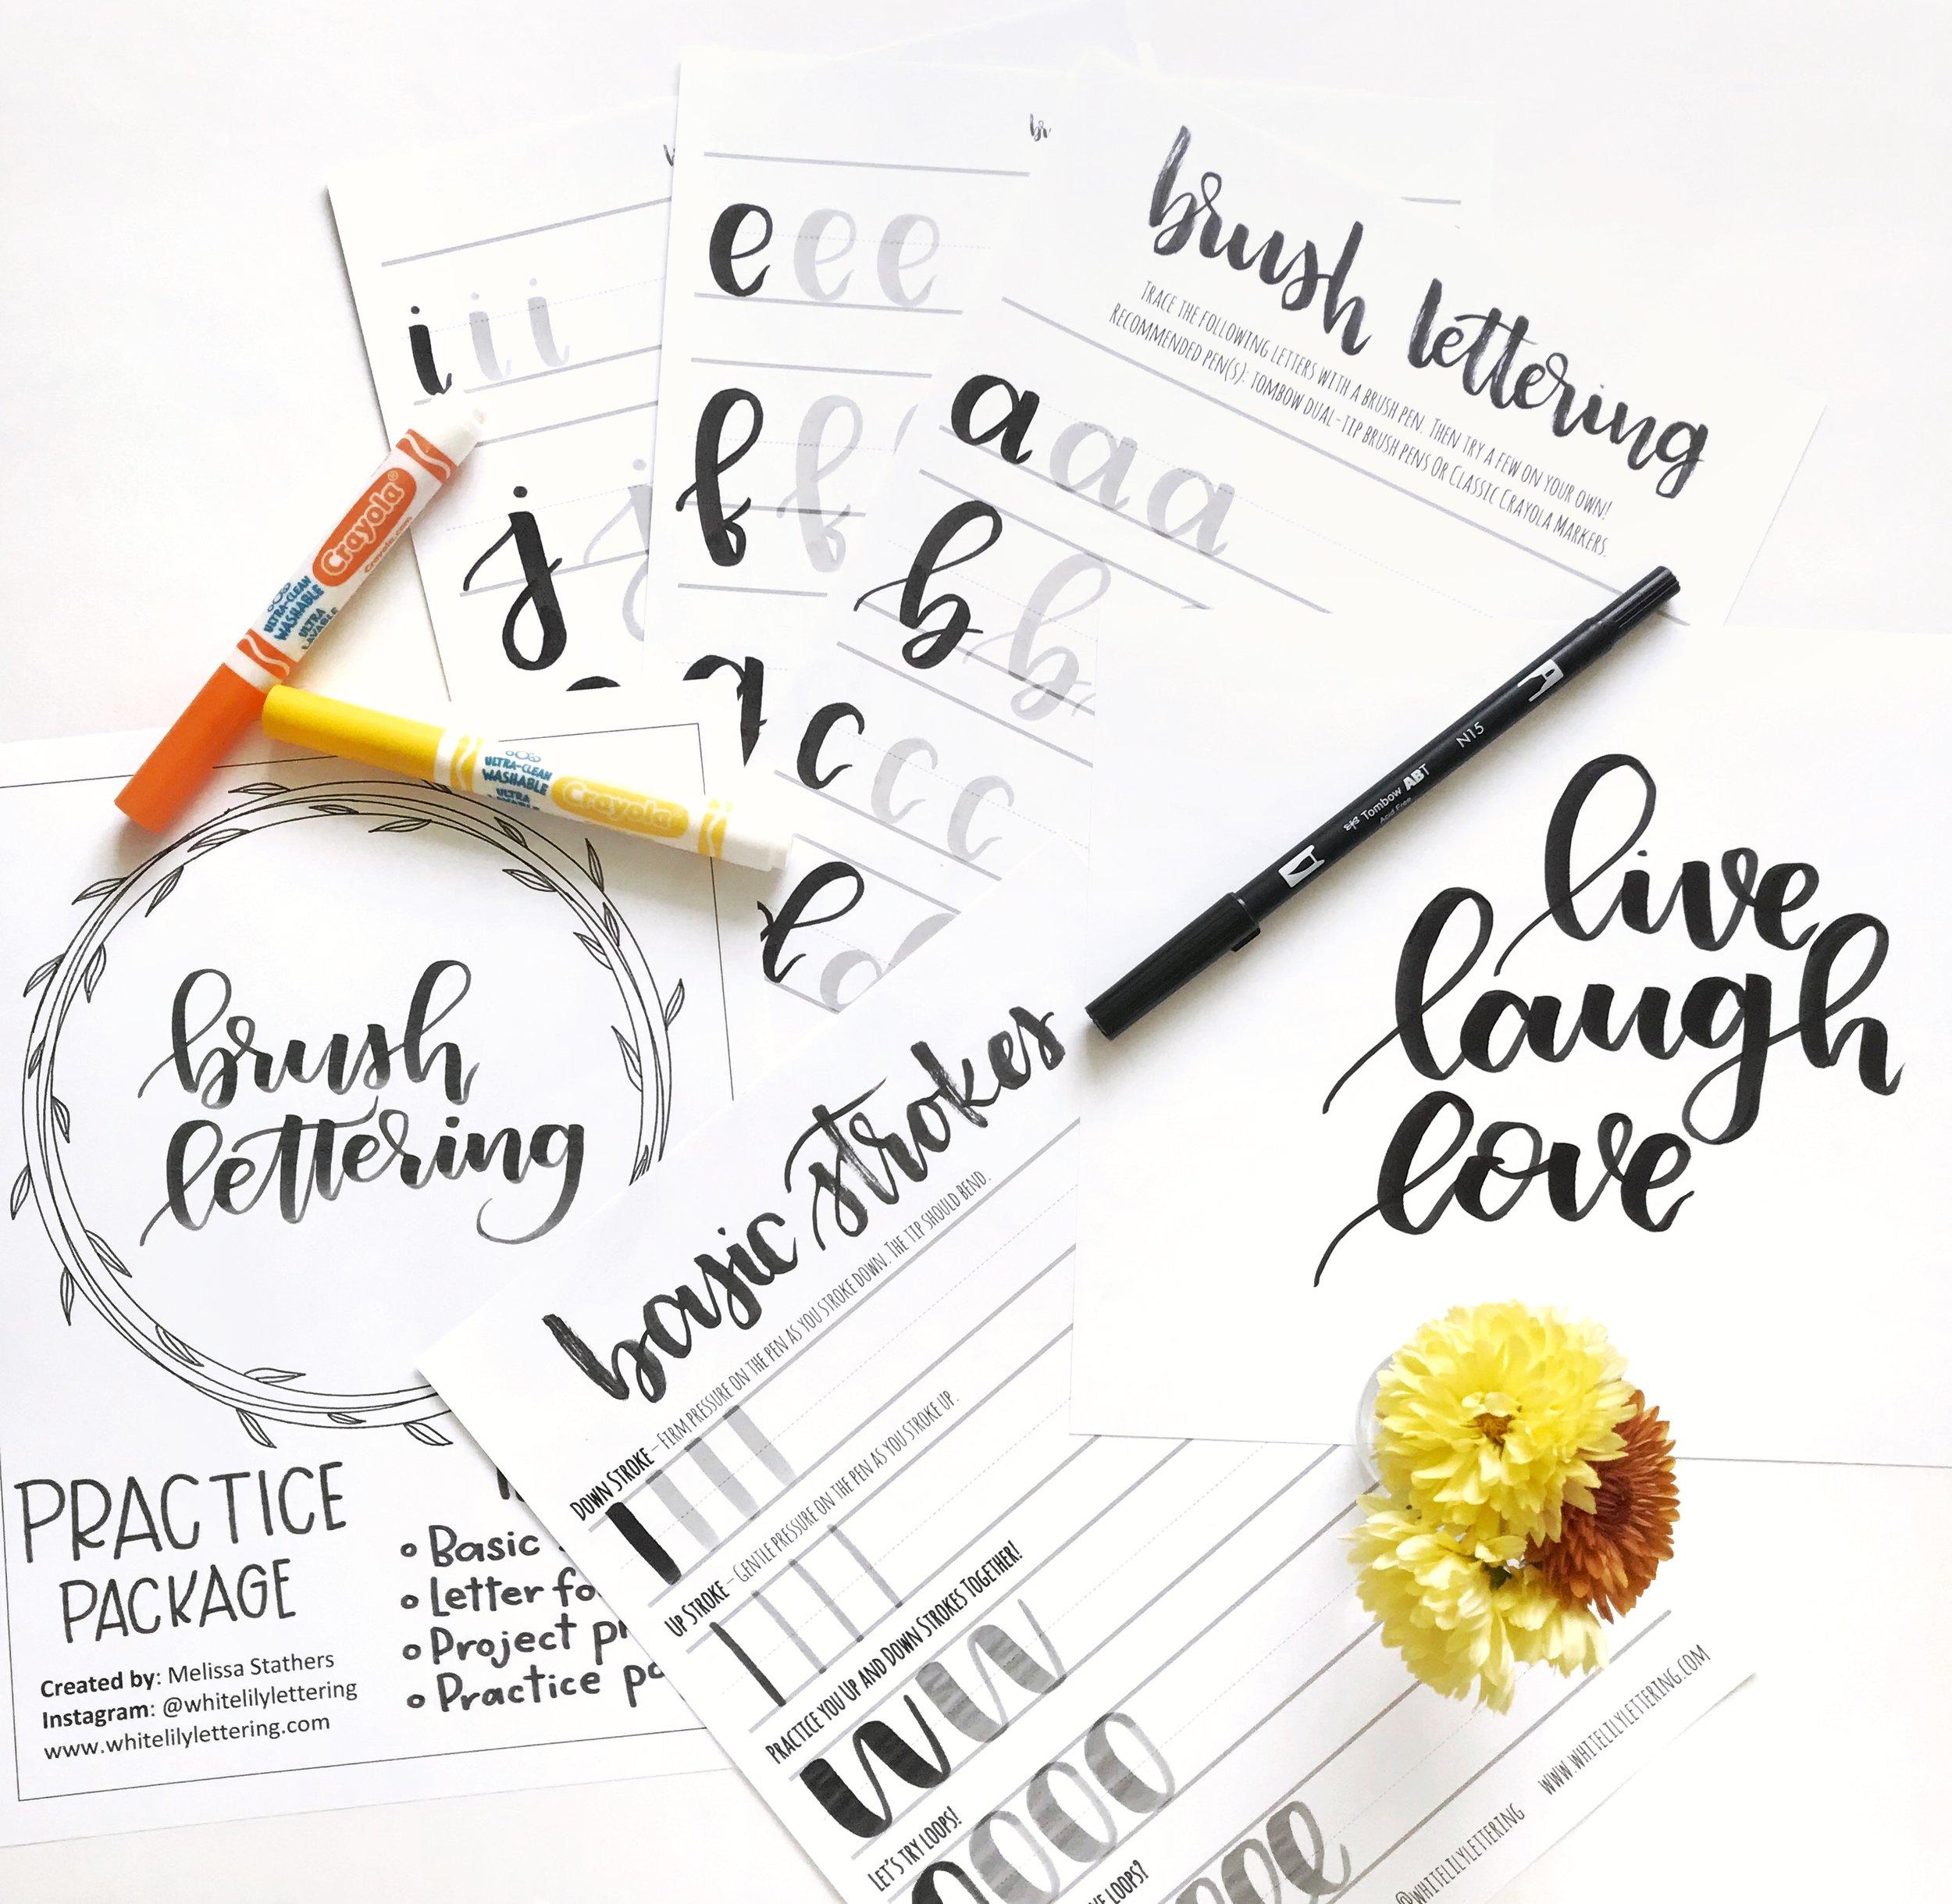 brush lettering package.jpg